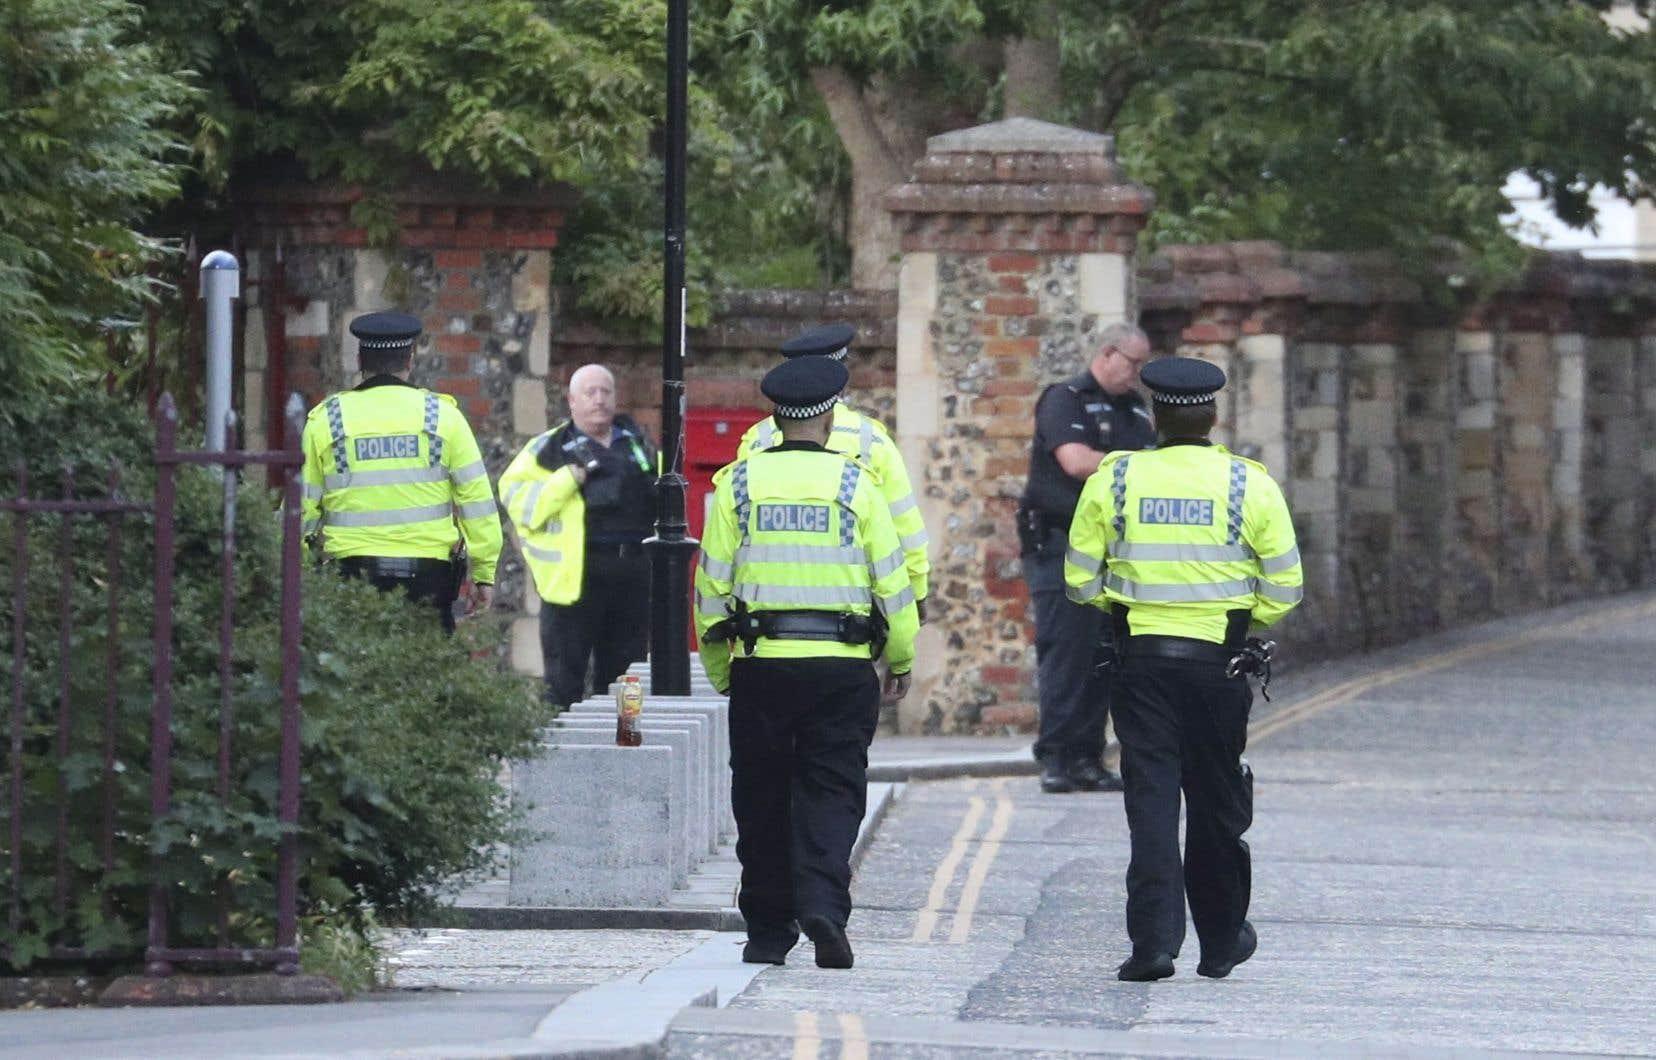 La police et les secours sont intervenus sur place après avoir été appelés en début de soirée pour un incident dans lequel plusieurs personnes avaient été poignardées à Forbury Gardens, un parc à Reading.